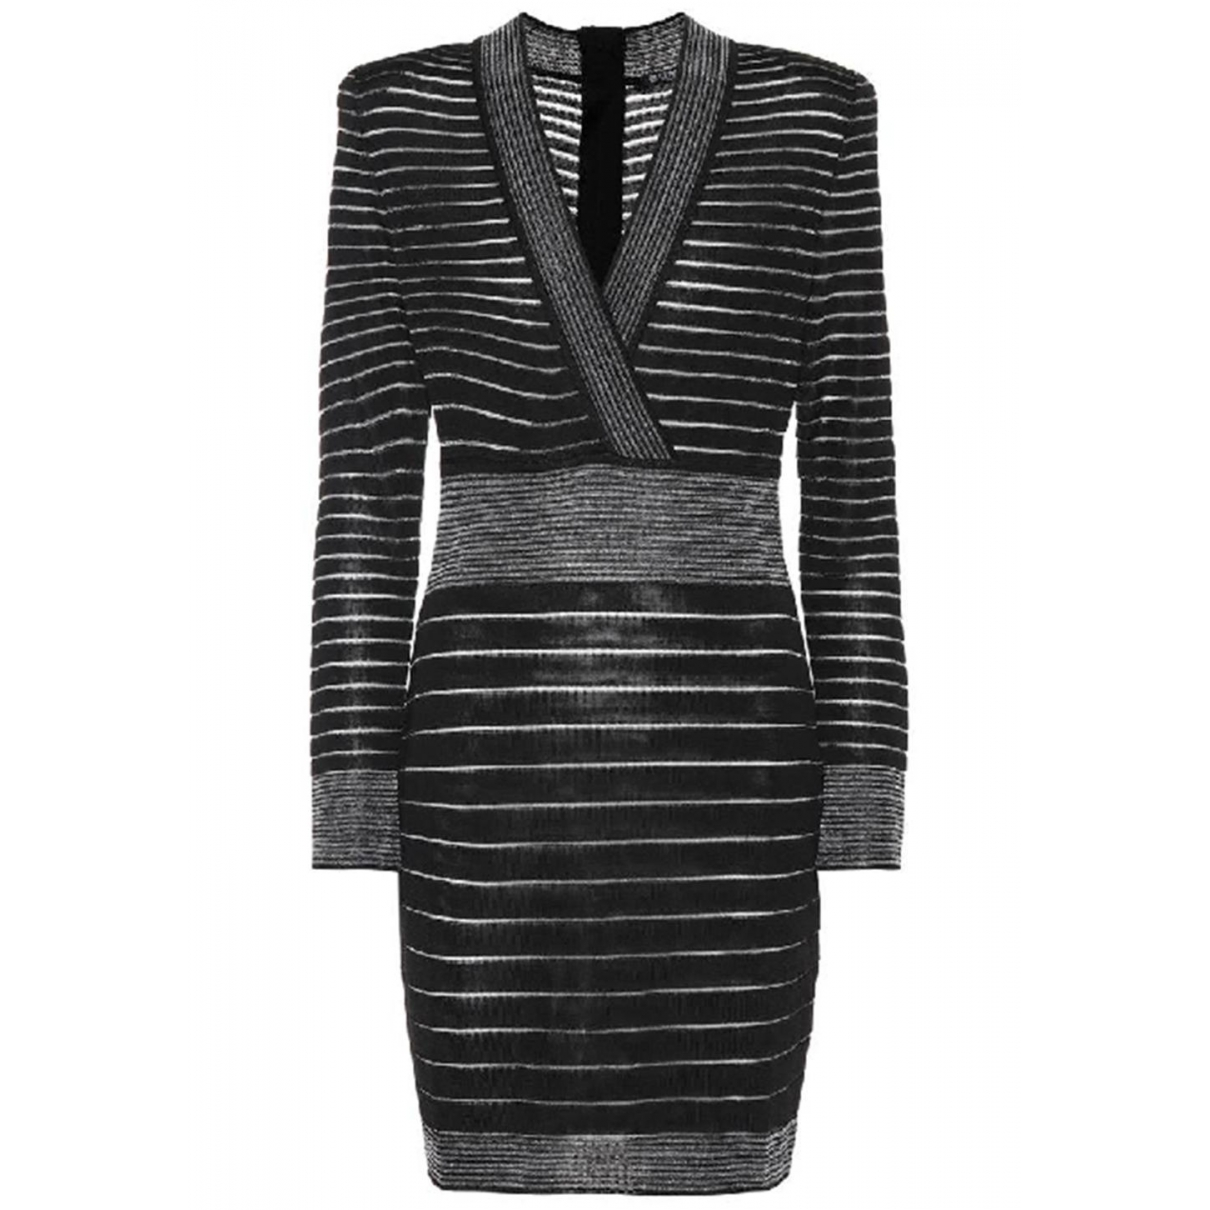 Balmain \N Black dress for Women 40 FR